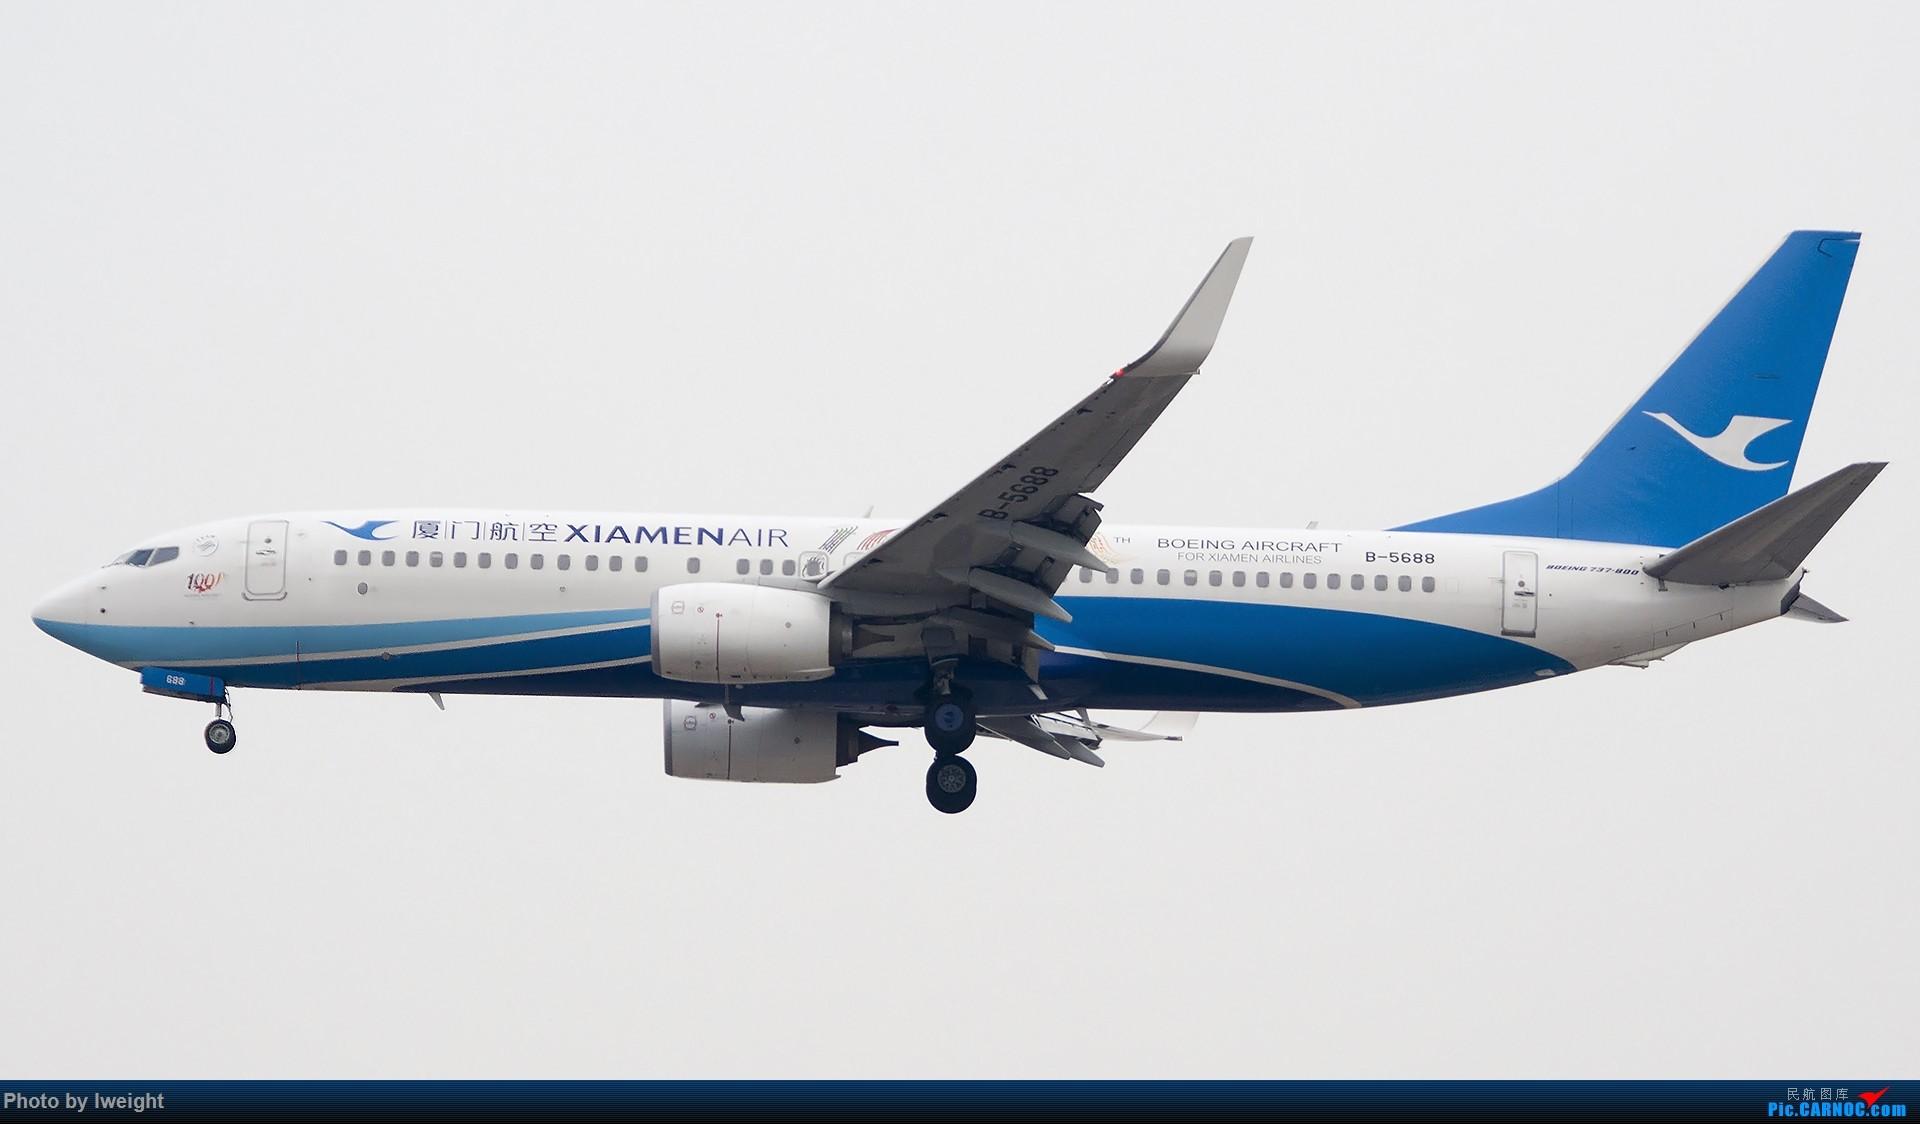 Re:[原创]2014-12-06 PEK天气由好变坏的直接体验 BOEING 737-800 B-5688 中国北京首都国际机场